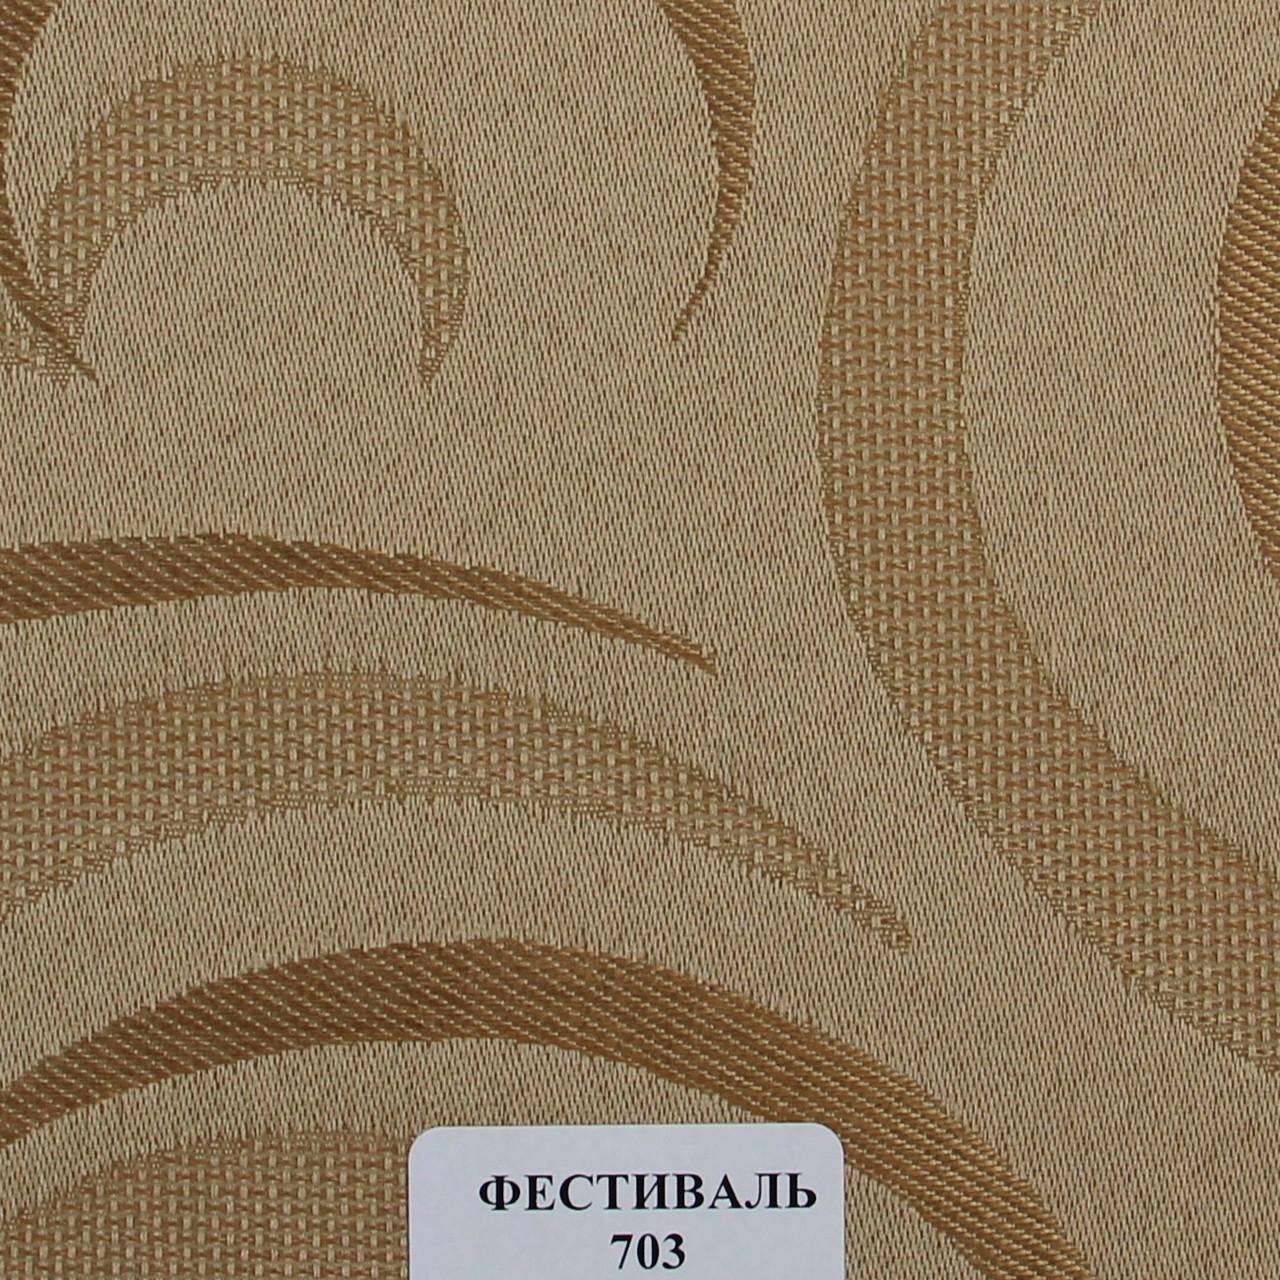 Рулонные шторы Ткань Фестиваль Коричнево-бежевый 703